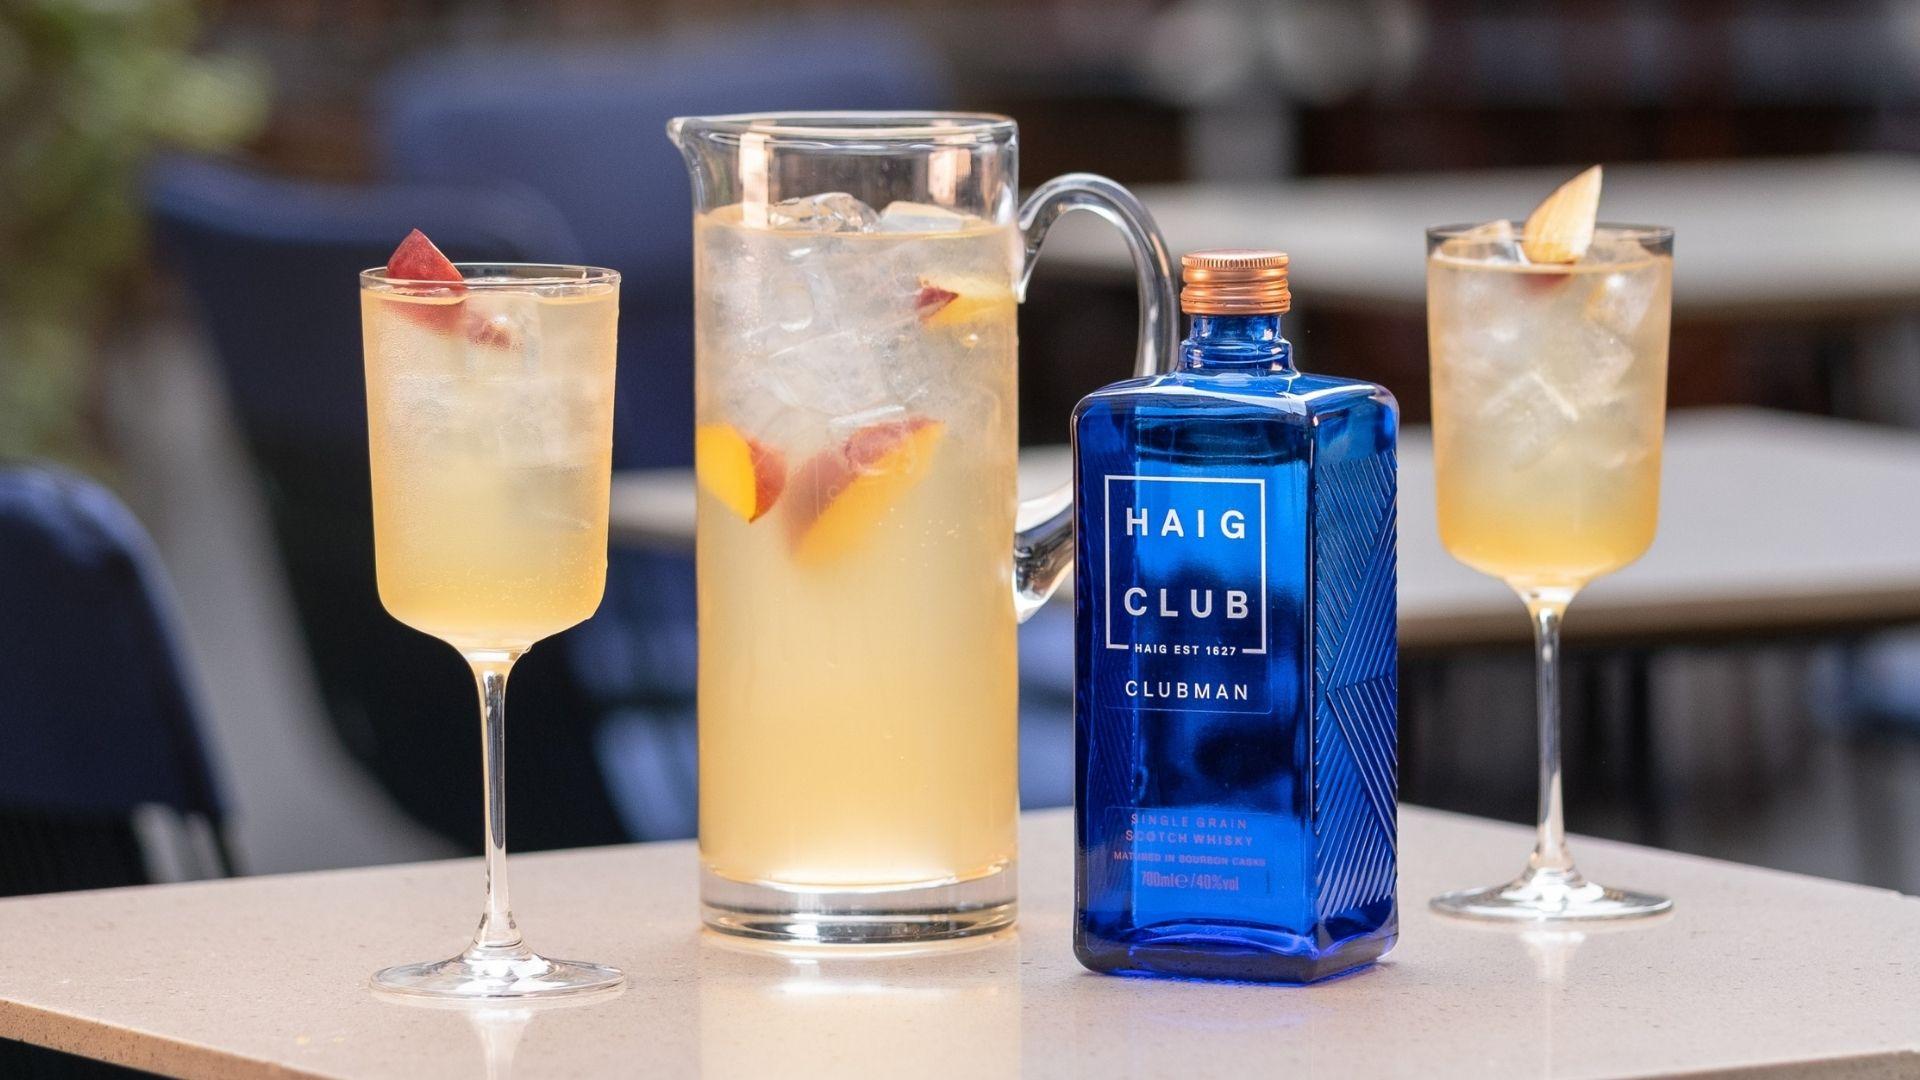 haig club cocktail peach club whisky